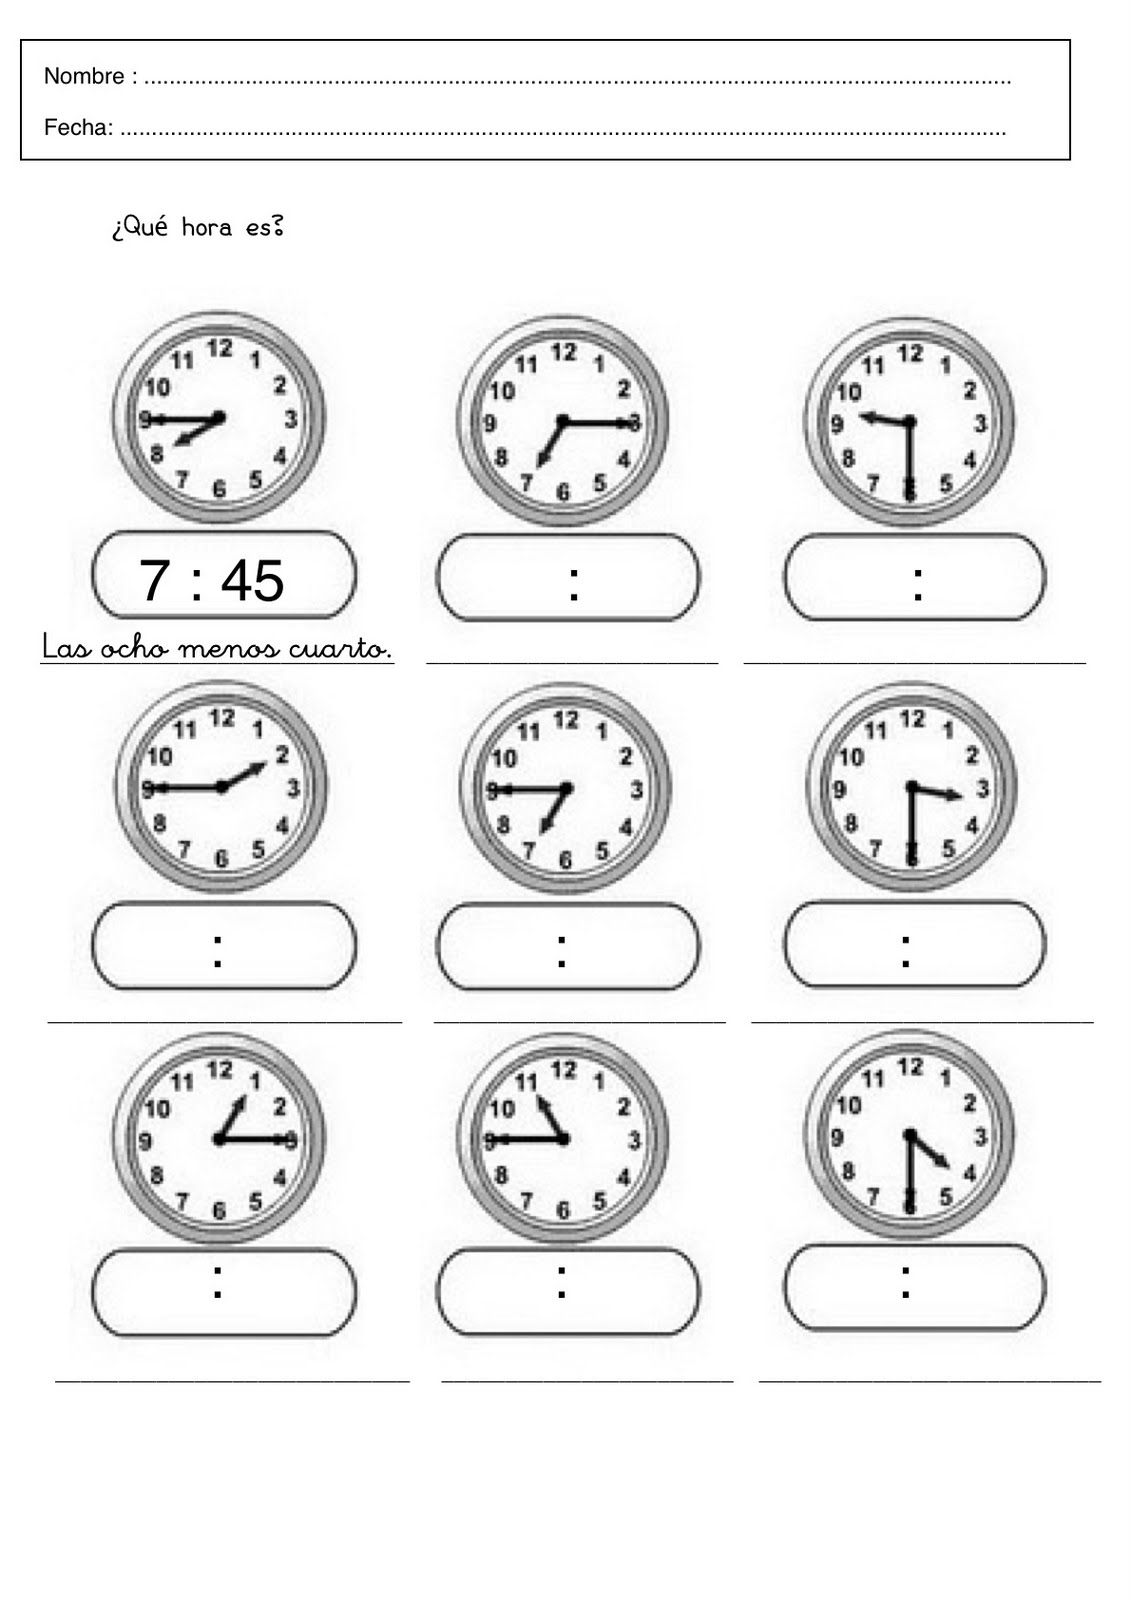 Fichas de infantil y primaria: Trabajar las horas | Escuela en la ...